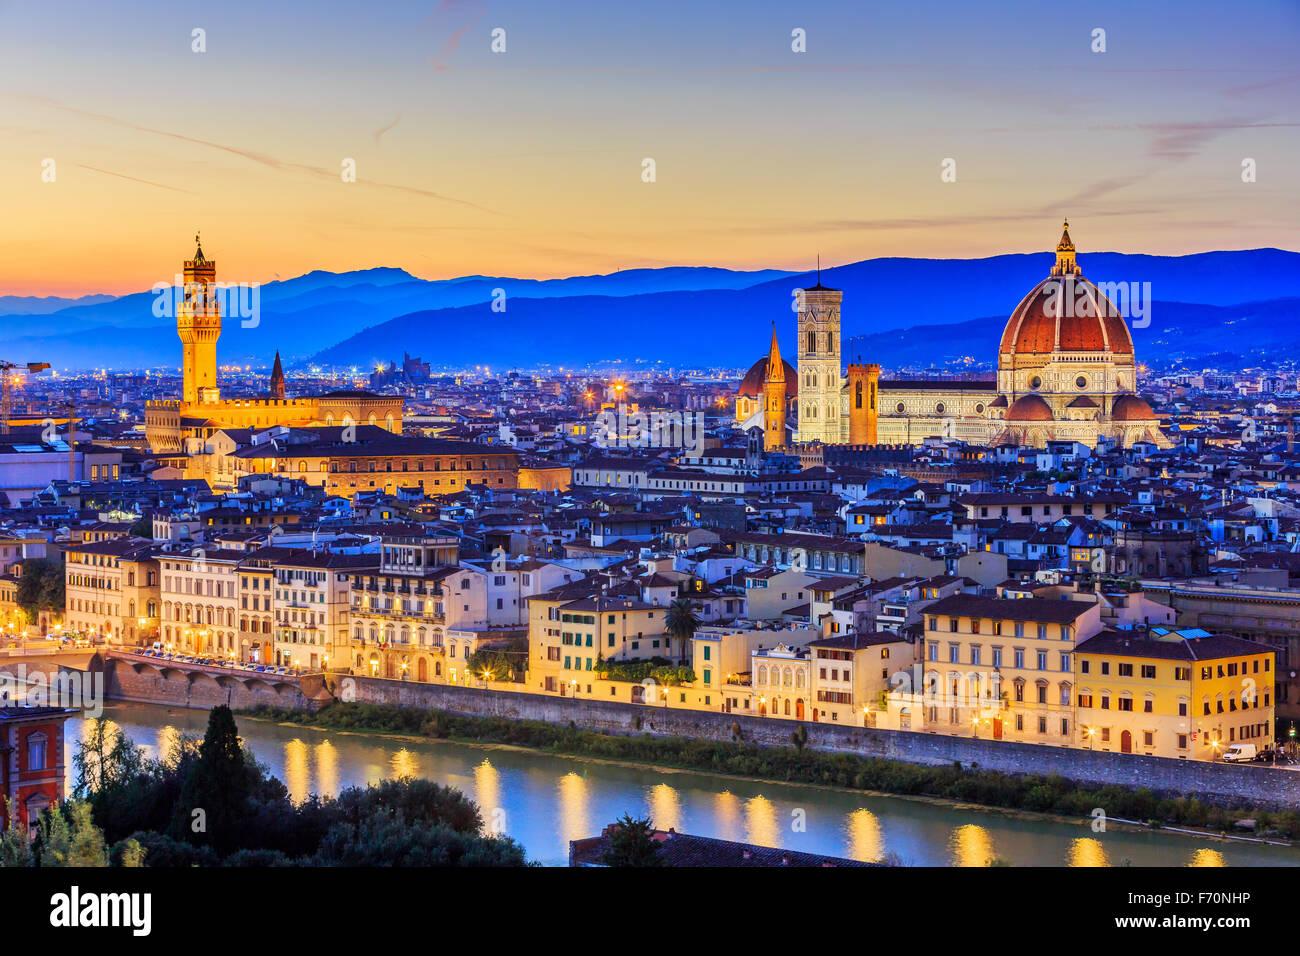 Die Kathedrale und die Kuppel von Brunelleschi bei Sonnenuntergang. Florenz, Italien Stockbild